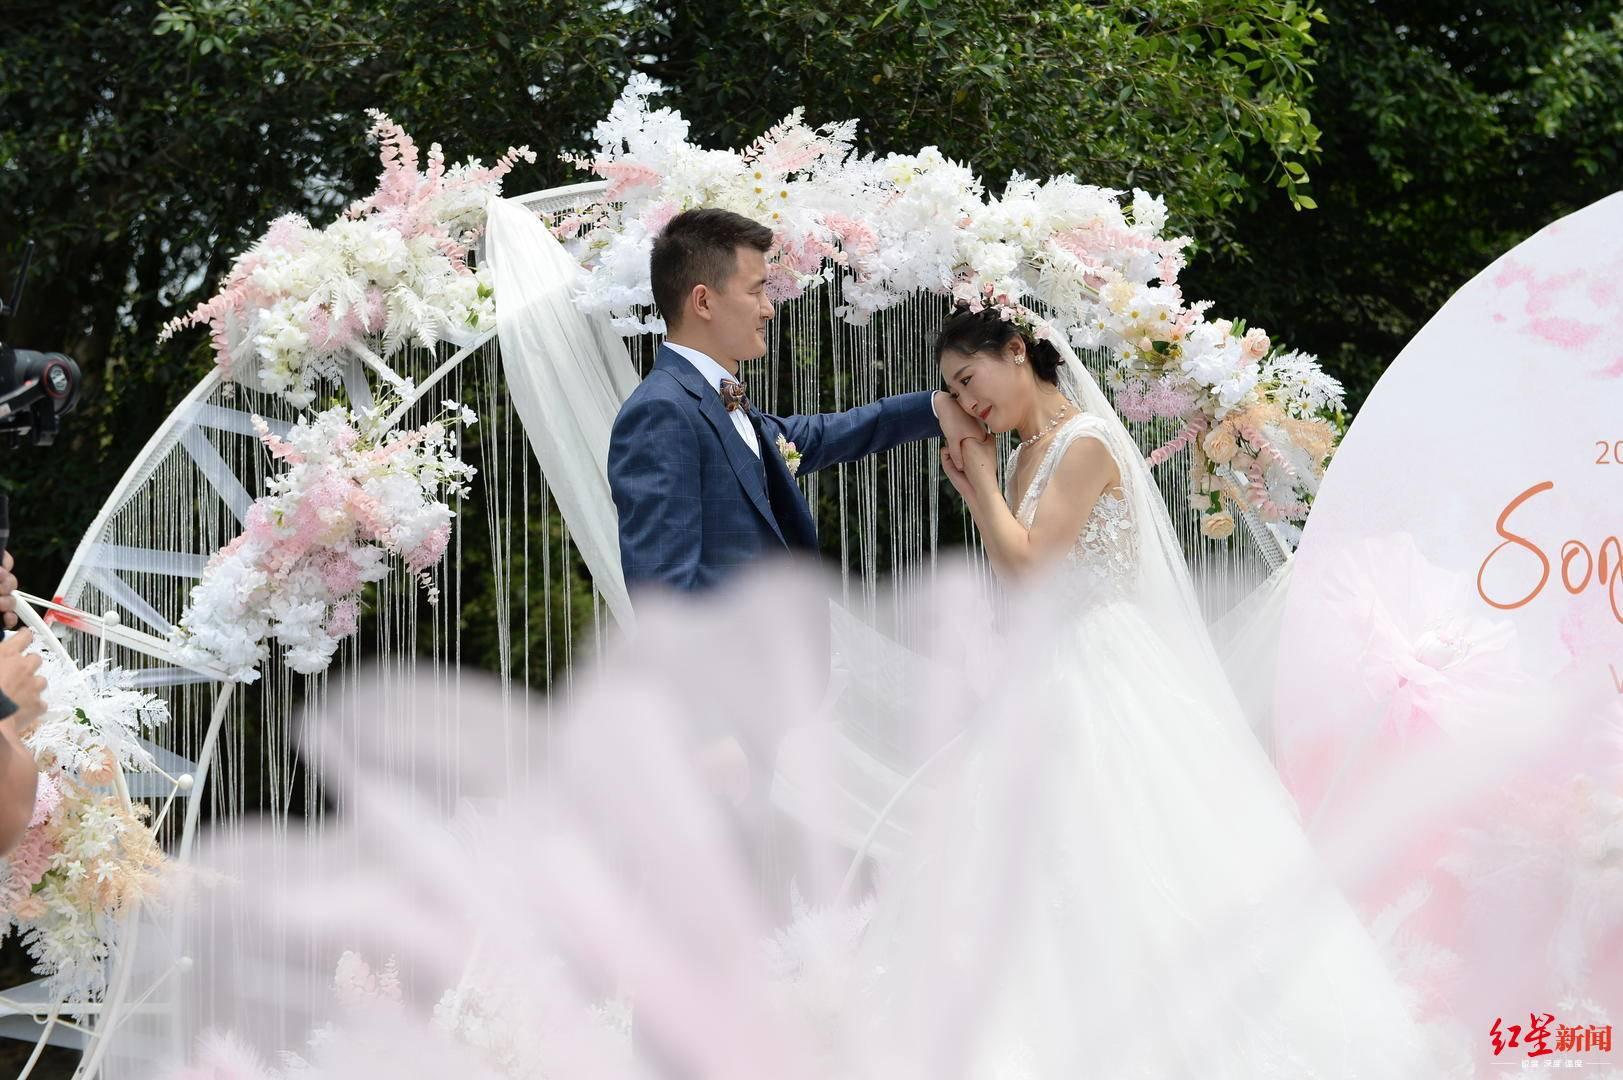 『婚礼』队友们列队送祝福,因驰援武汉推迟婚礼 今天他为妻子补上梦幻婚礼